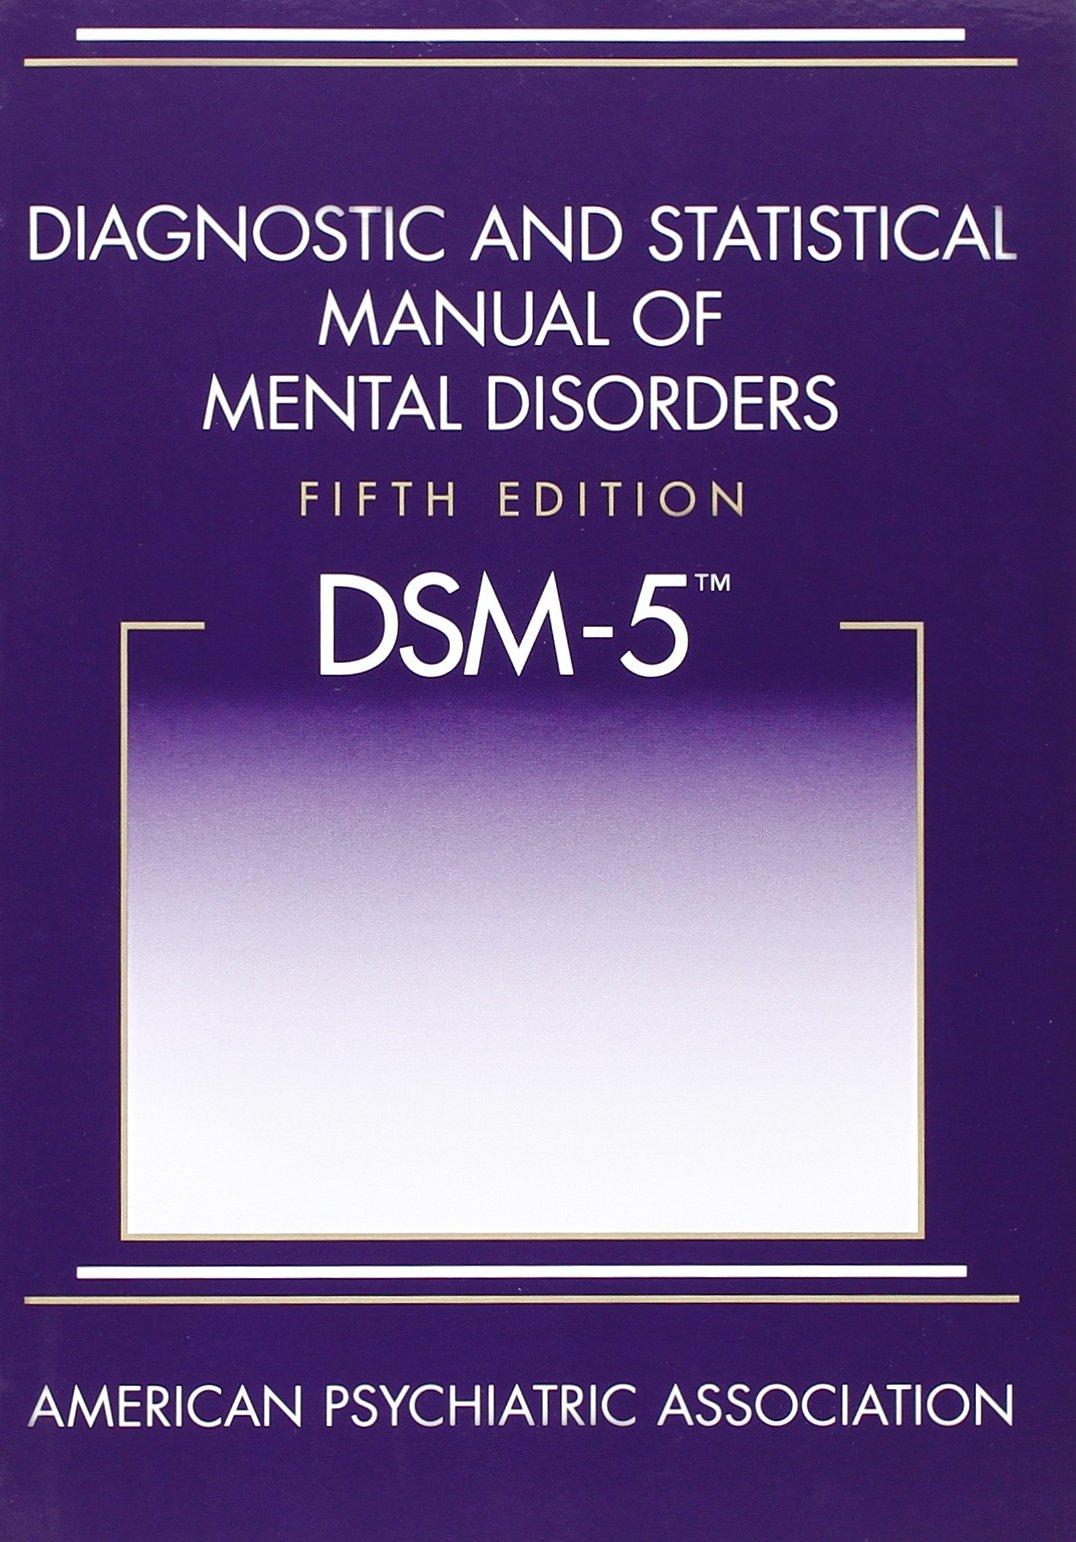 Klasyfikacje diagnostyczne DSM-V i ICD-10 - kryteria diagnostyczne autyzmu